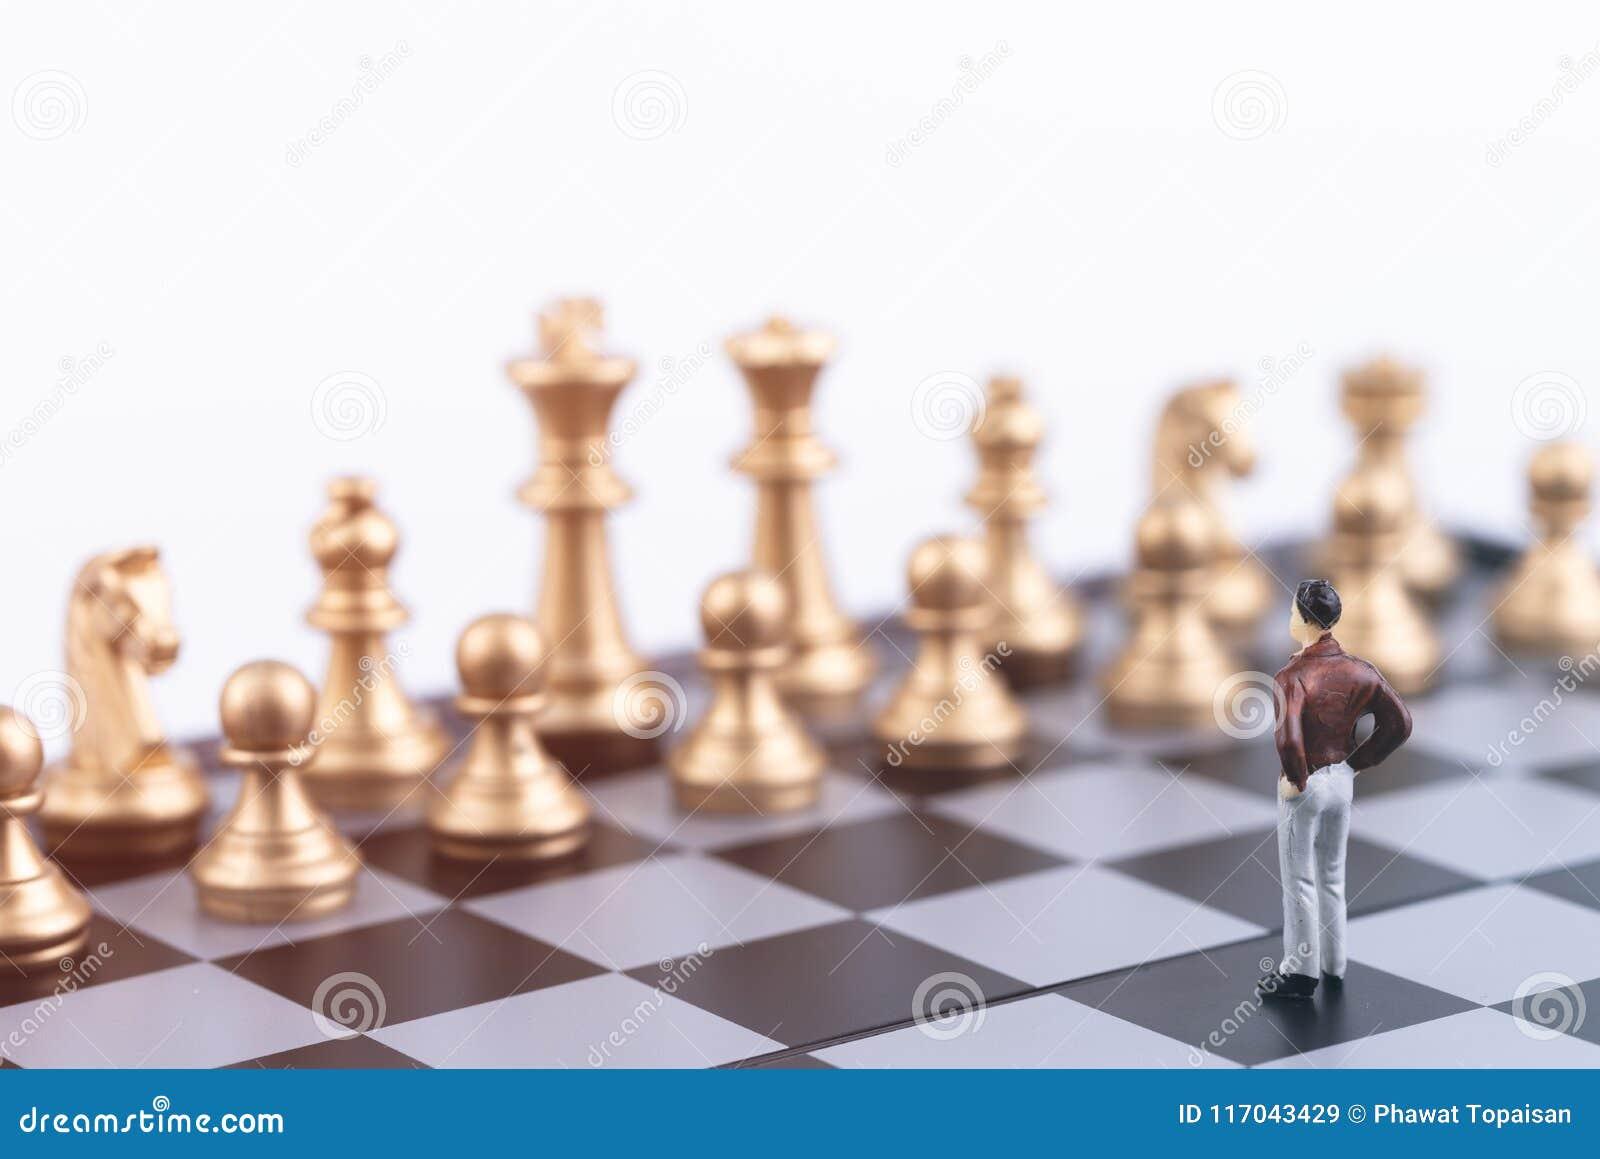 Стратегия плана ведущая успешной концепции бизнеса лидер